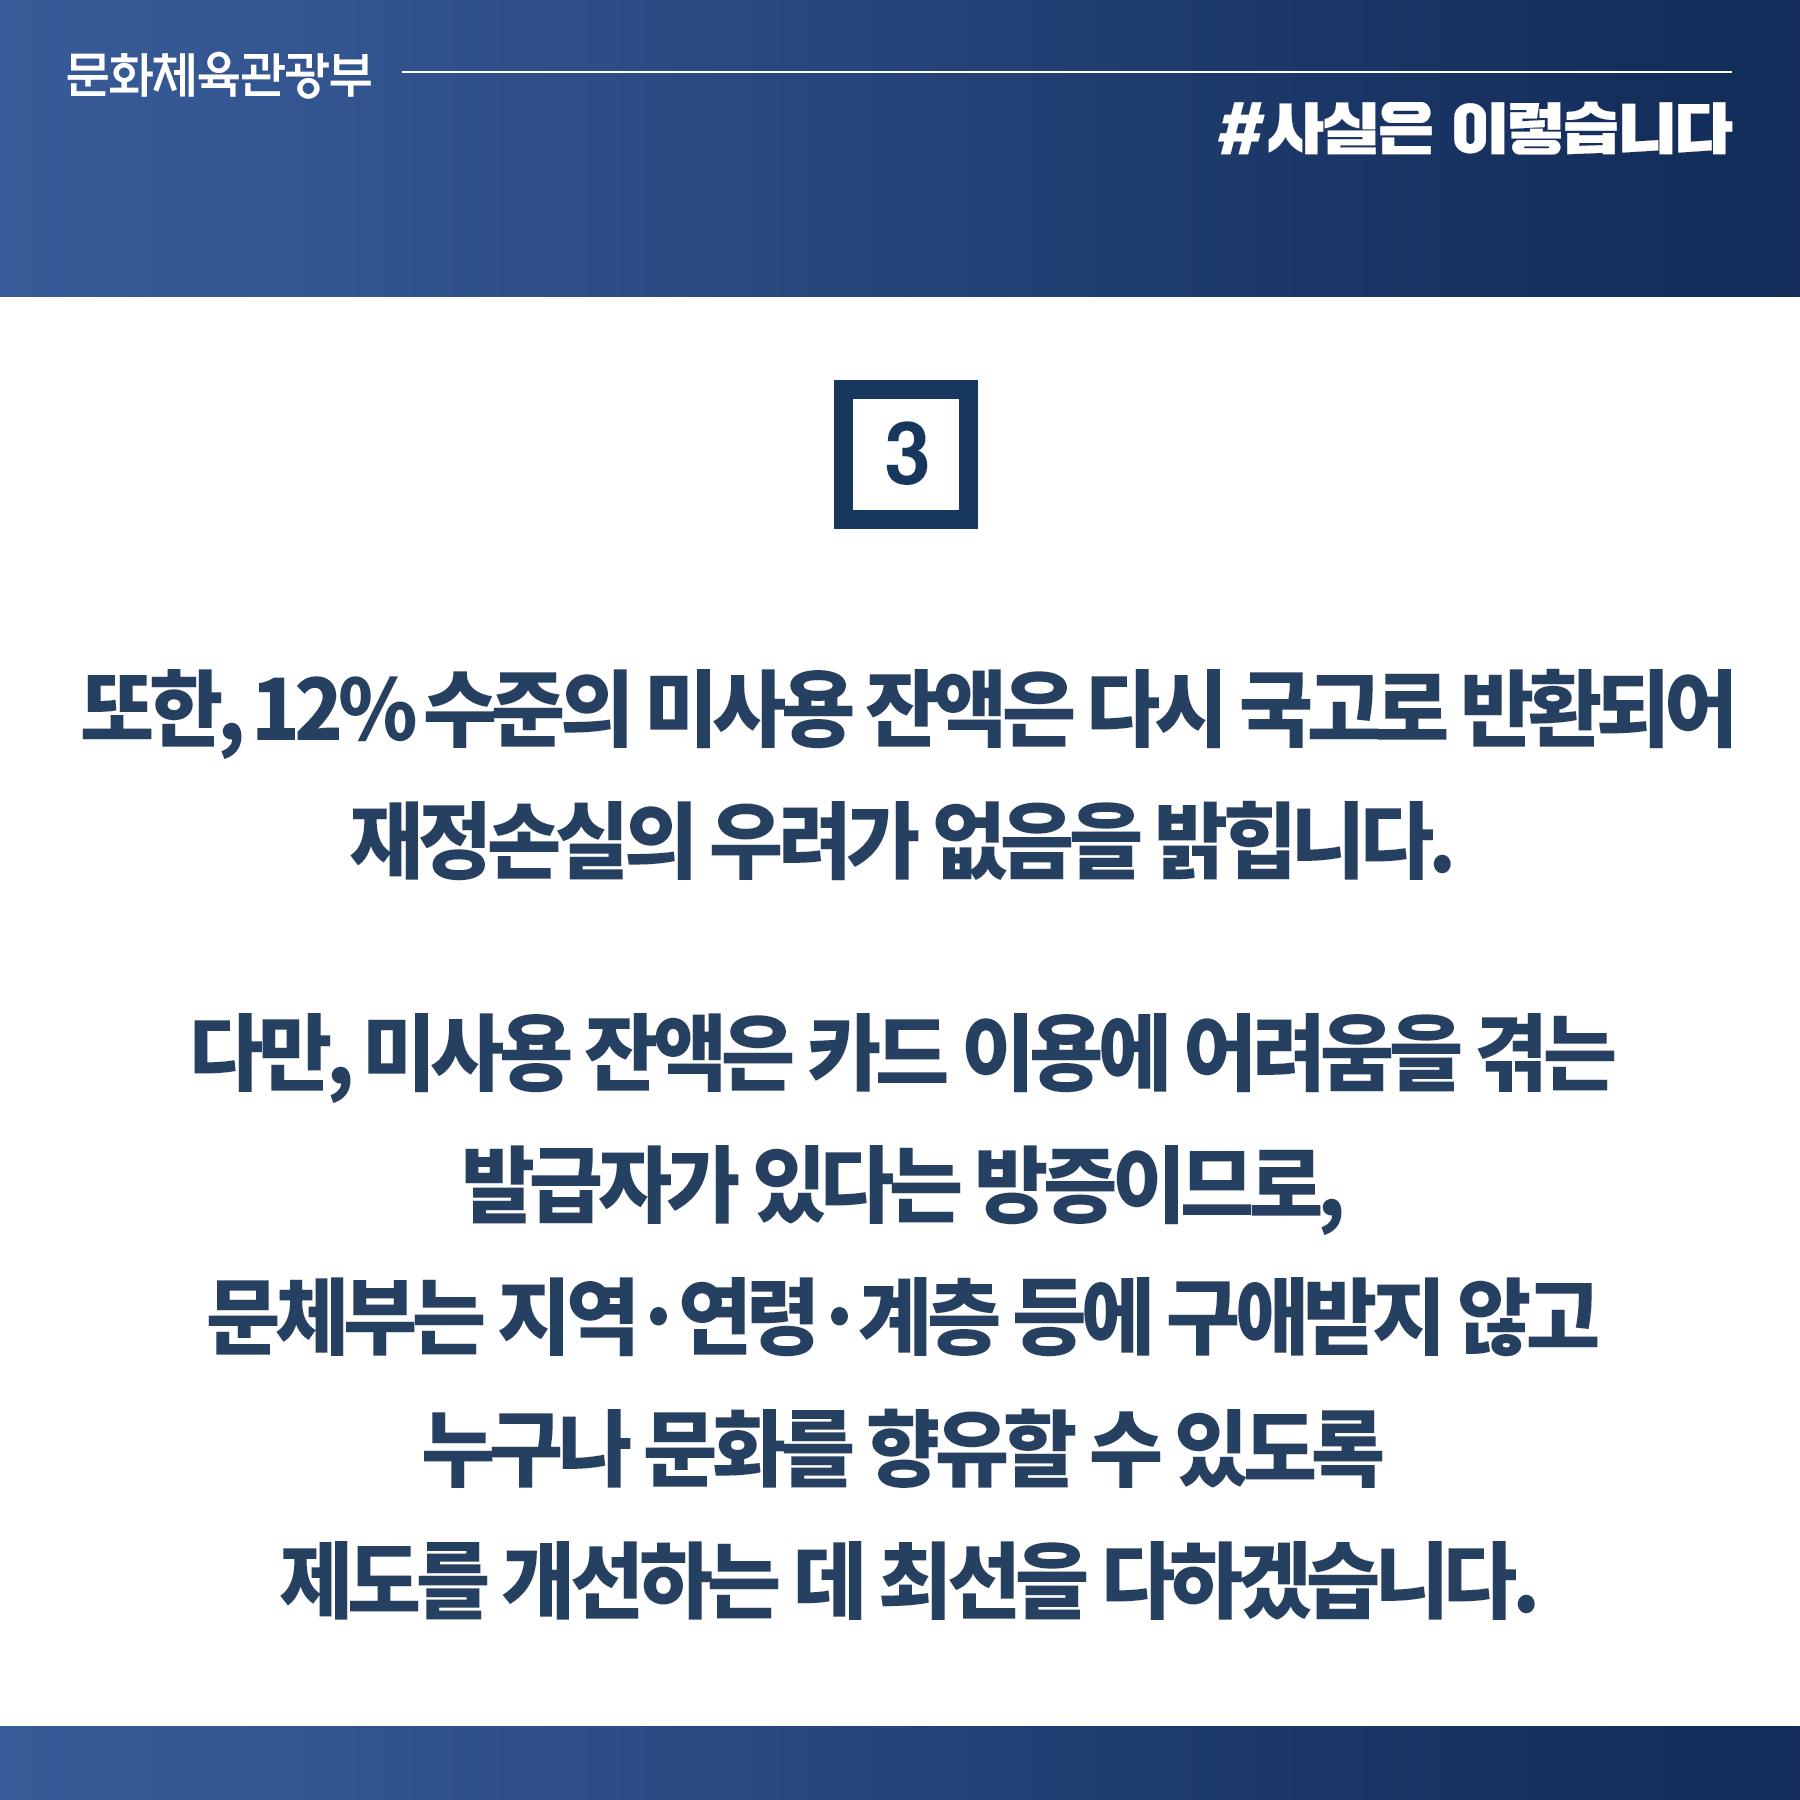 문화누리카드 전반적인 사용실적, 2018년 87.8%